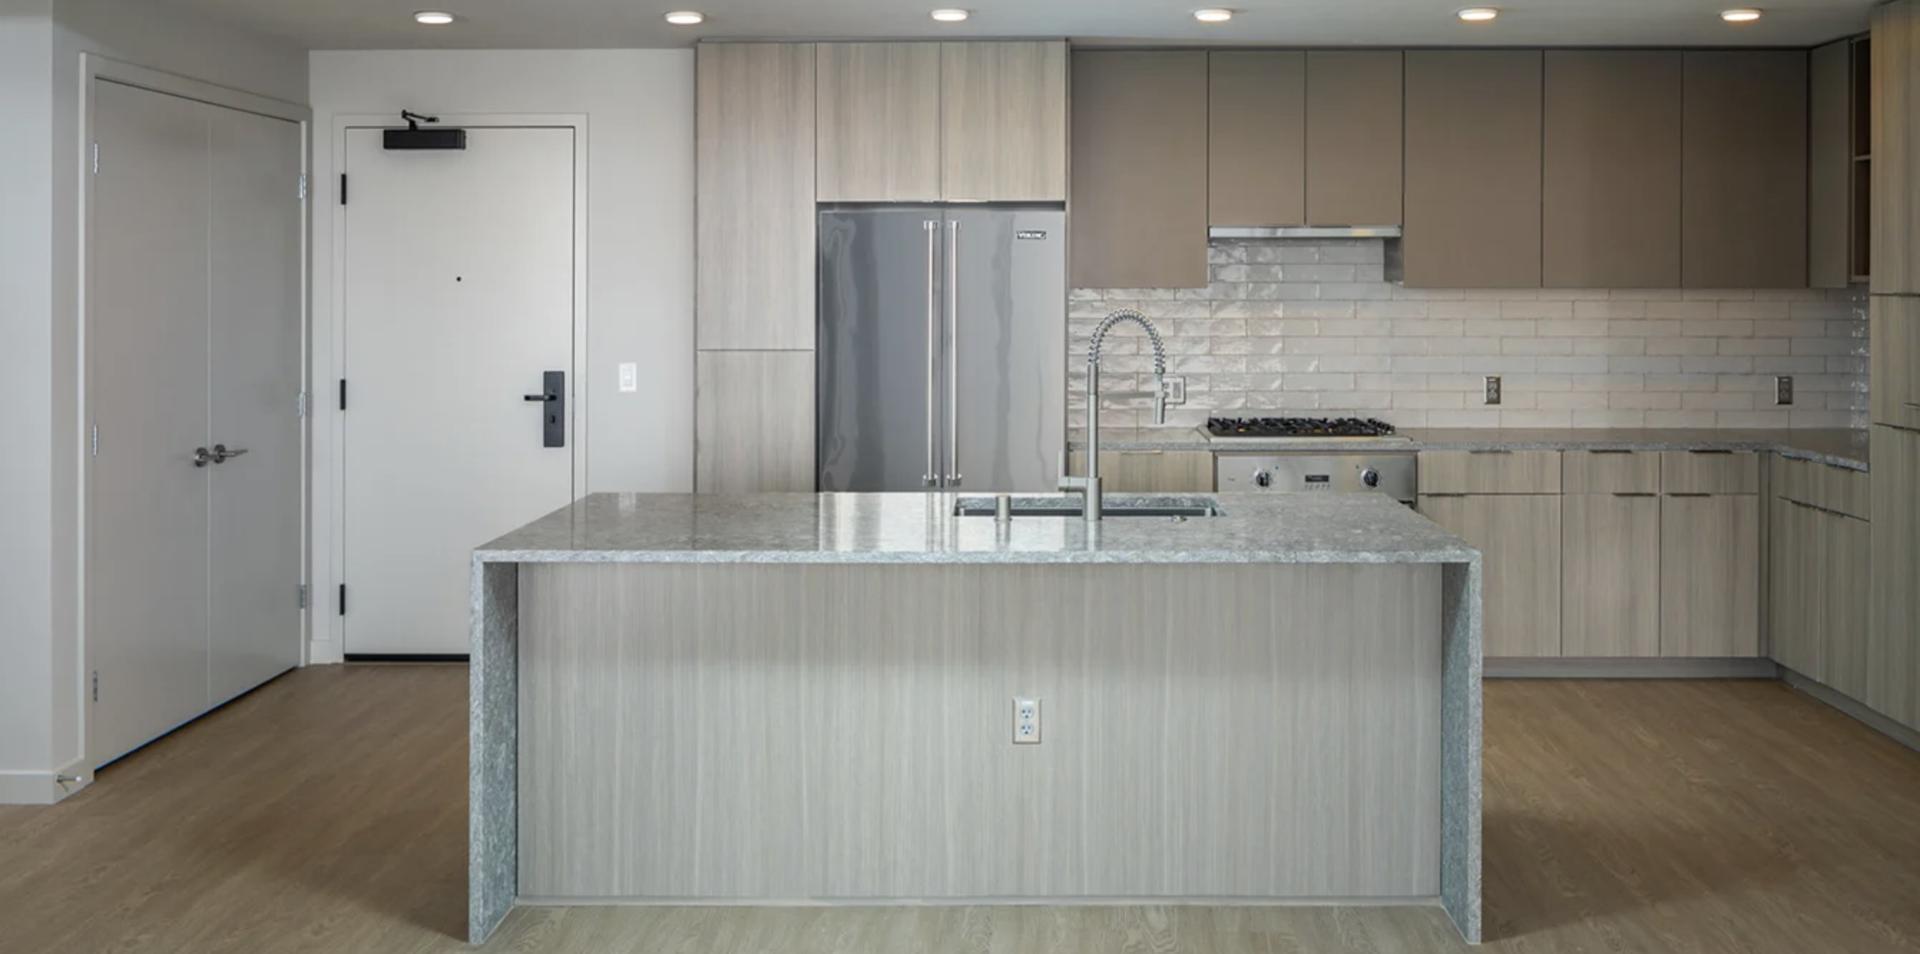 601 11th Avenue #2502, San Diego, CA - $5,215 USD/ month